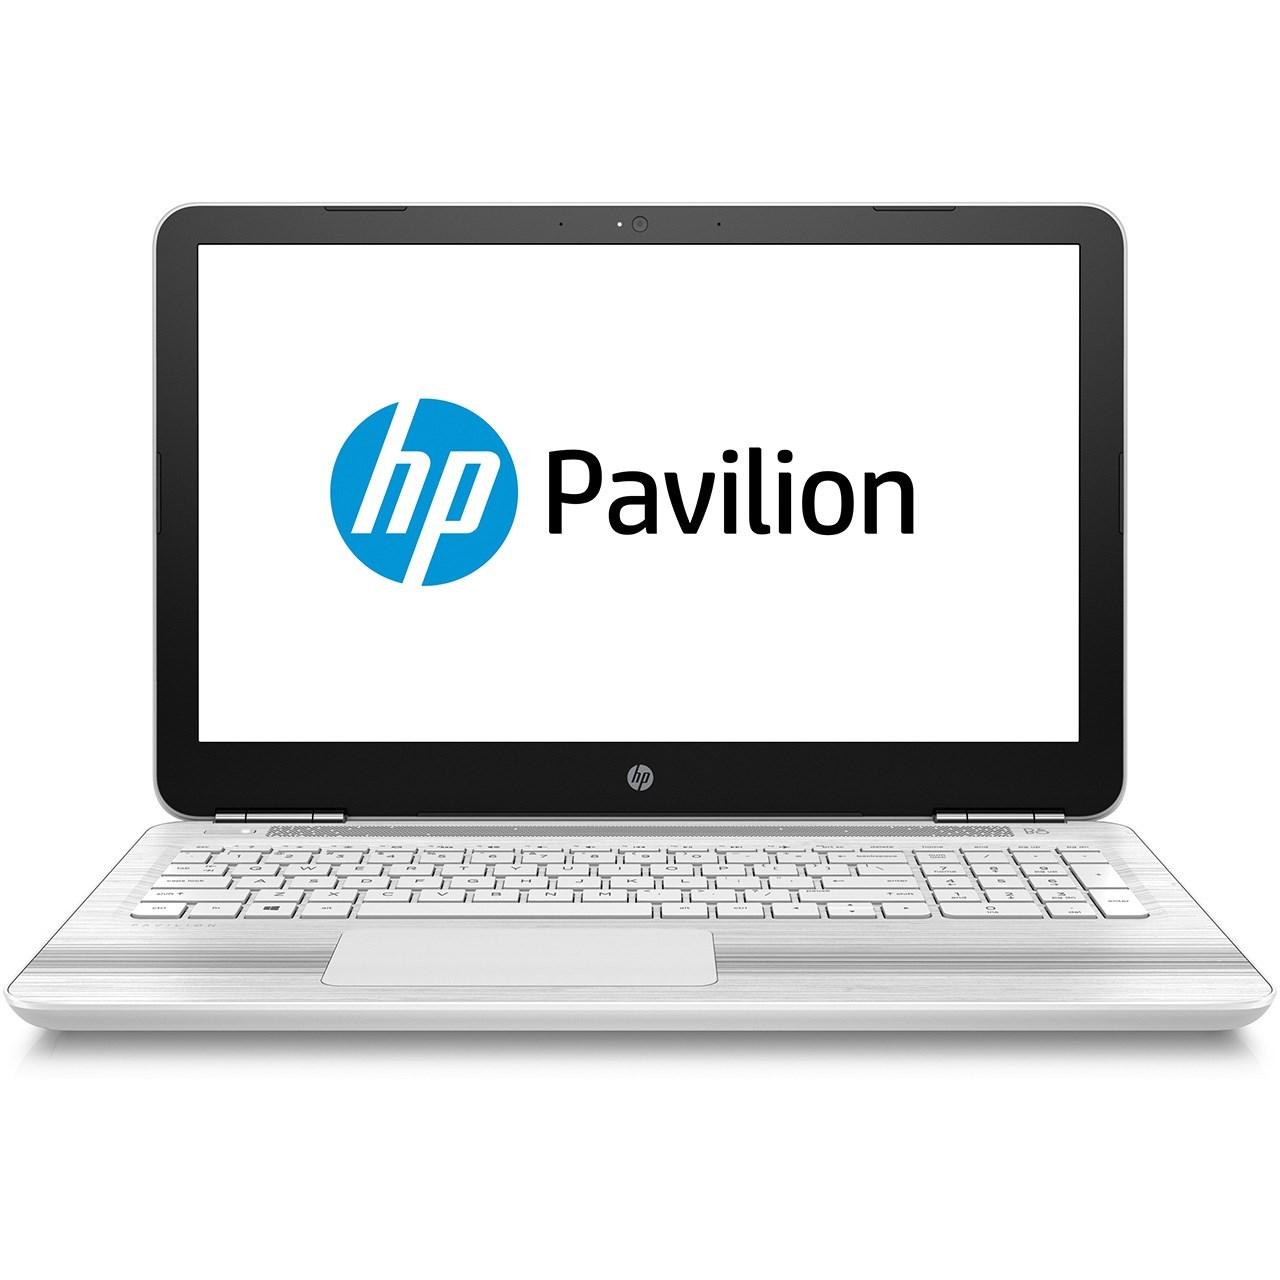 لپ تاپ 15 اینچی اچ پی مدل Pavilion 15-au103ne